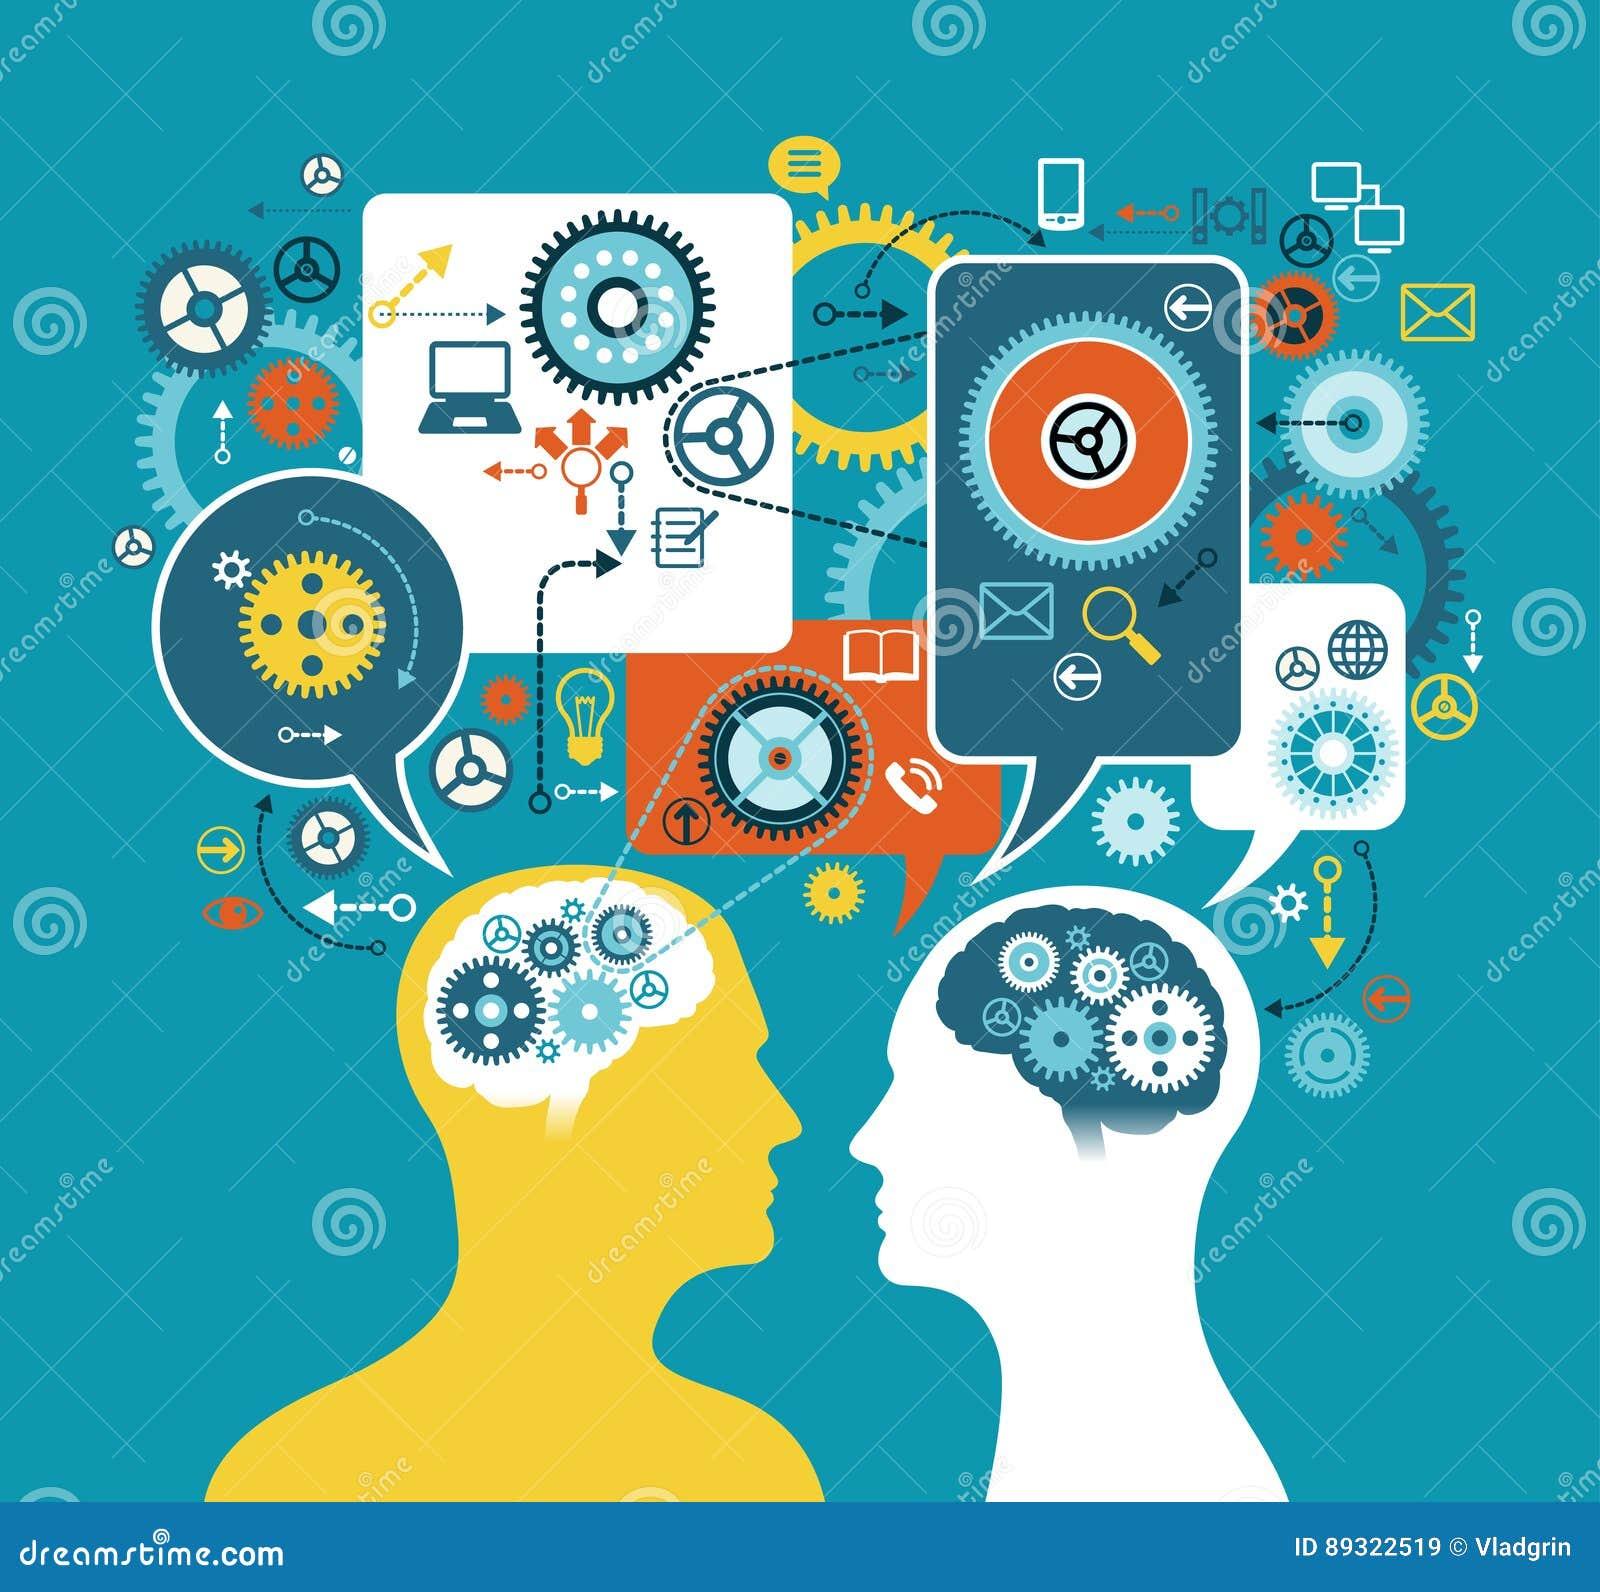 Η σκιαγραφία ενός κεφαλιού ατόμων ` s με την ομιλία βράζει, εργαλεία και επιχειρησιακά εικονίδια